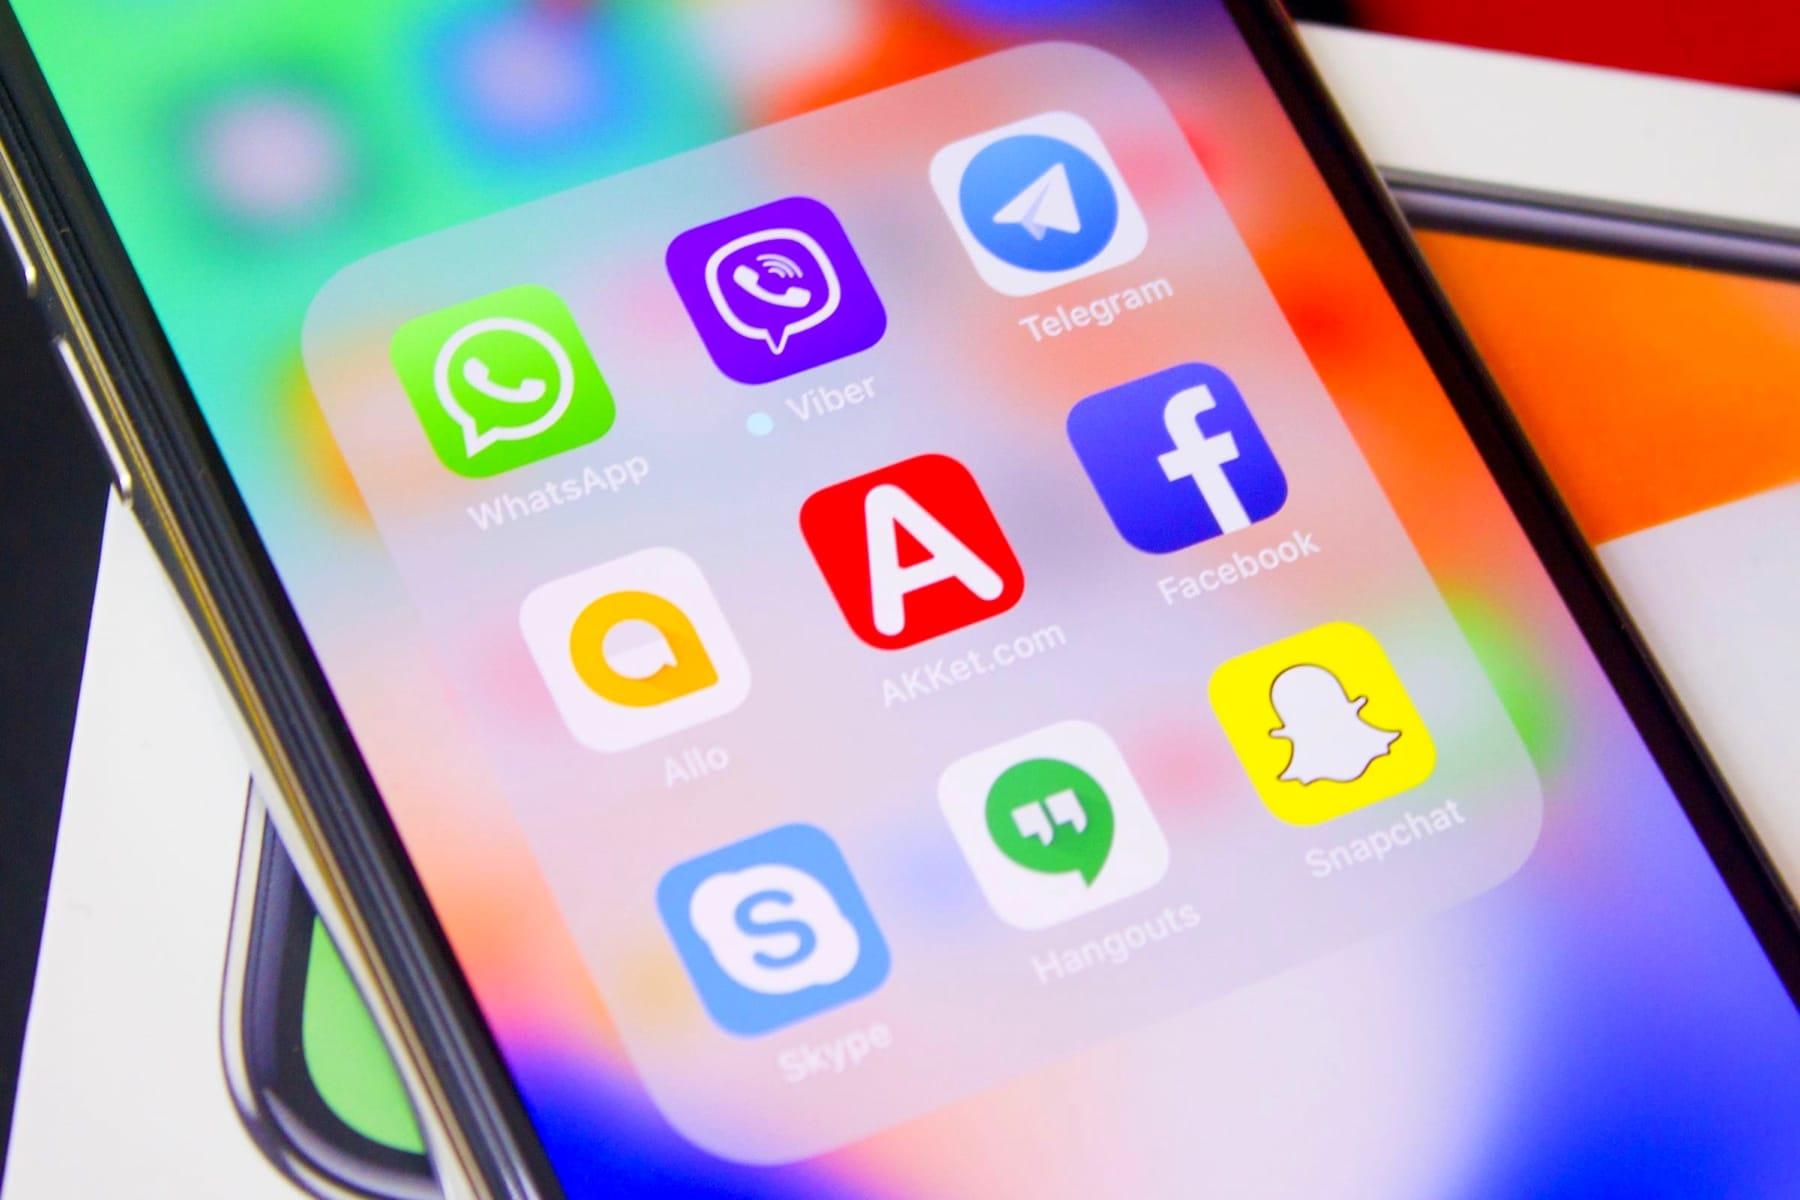 WhatsApp, Viber и «ВКонтакте» повергли всех в шок своим поступком